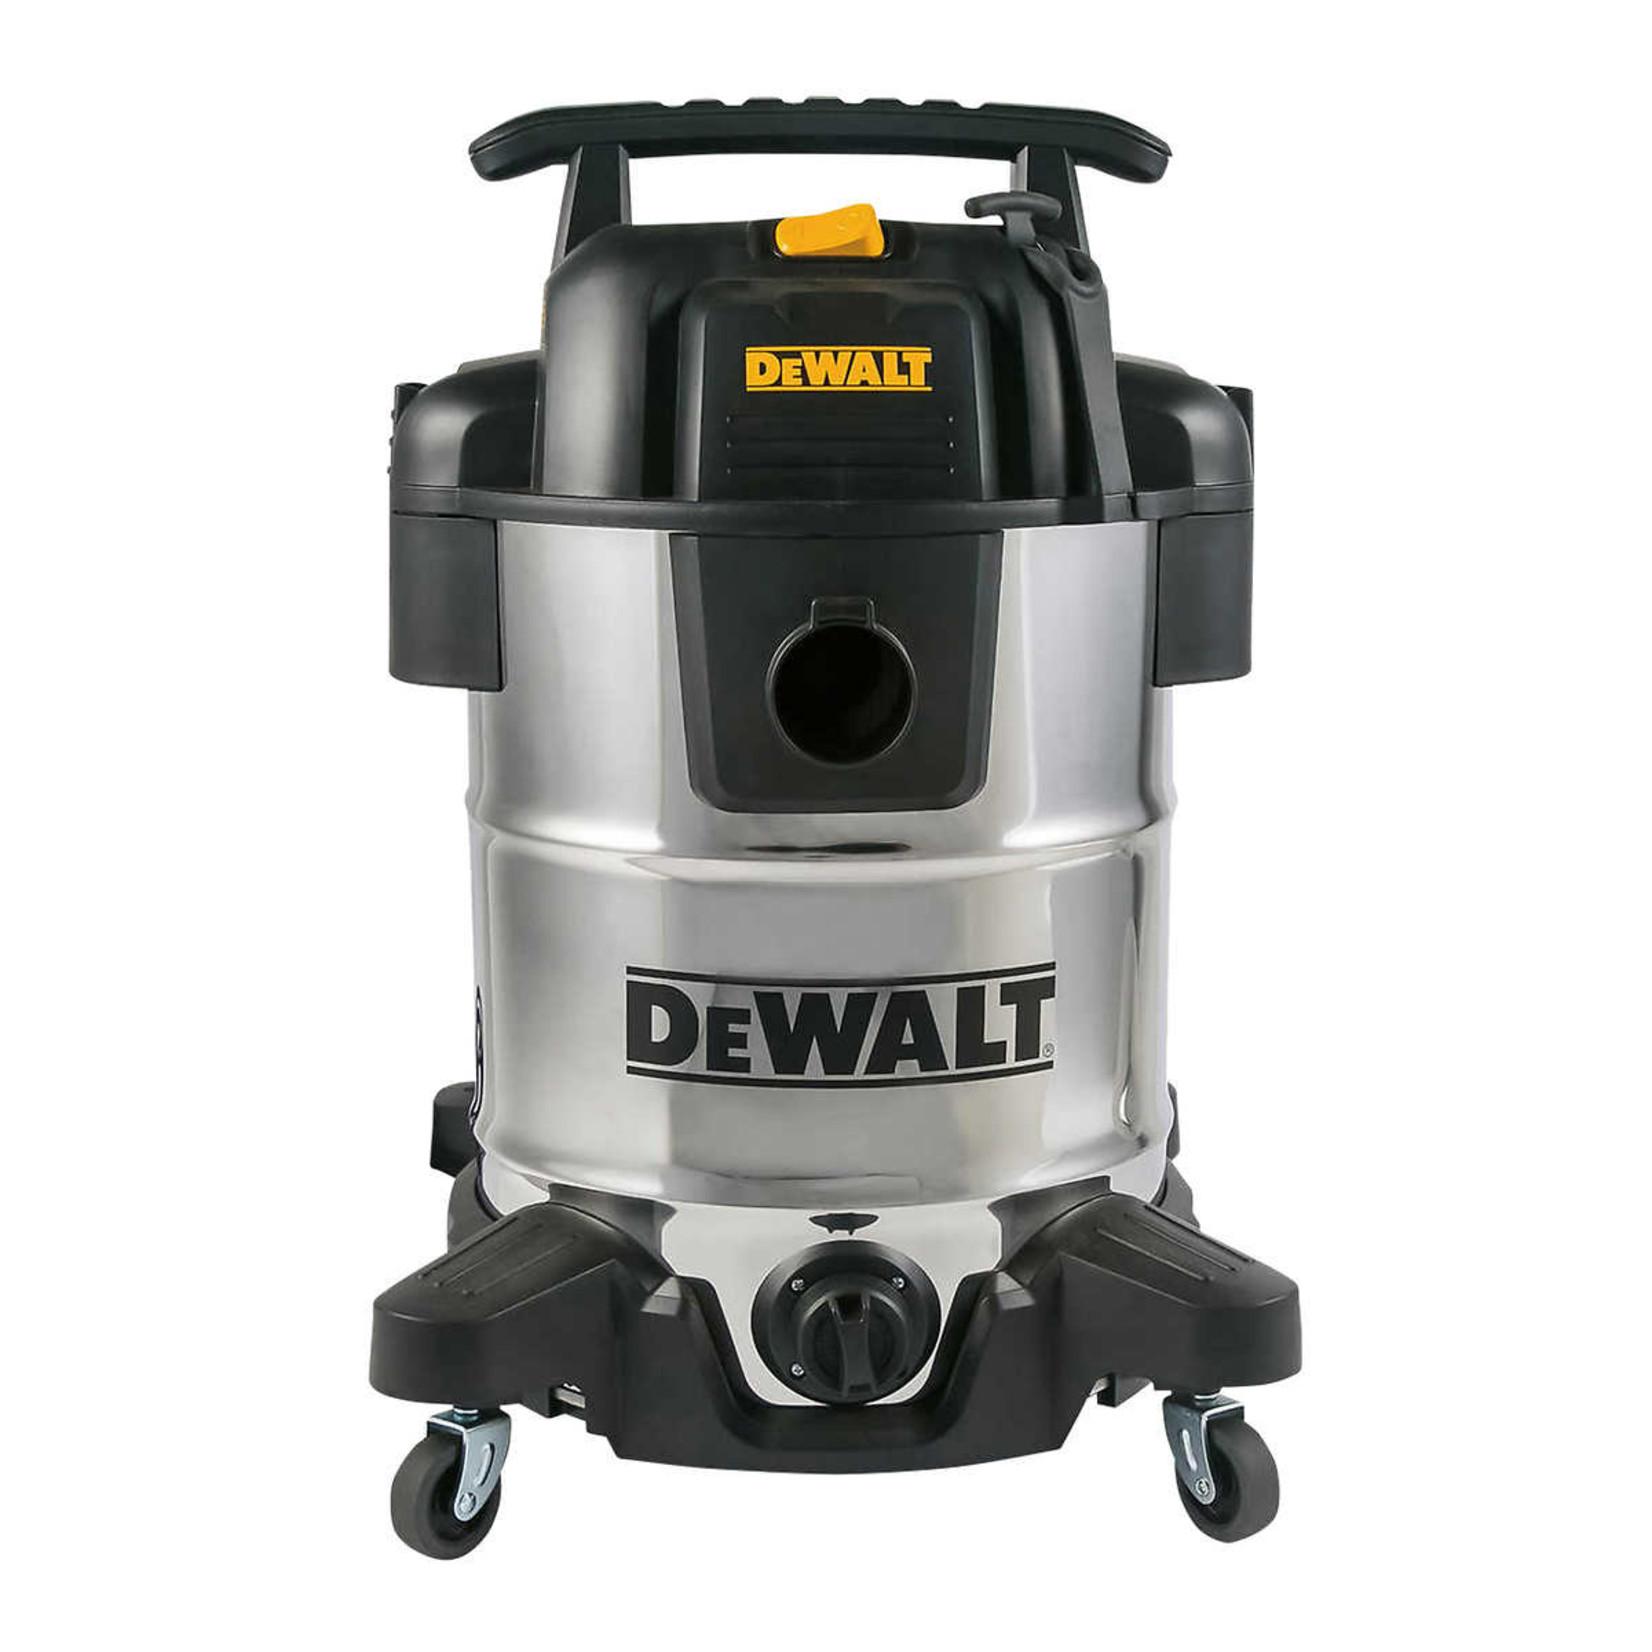 Dewalt 10 Gal Stainless Steel Wet/Dry Vacuum